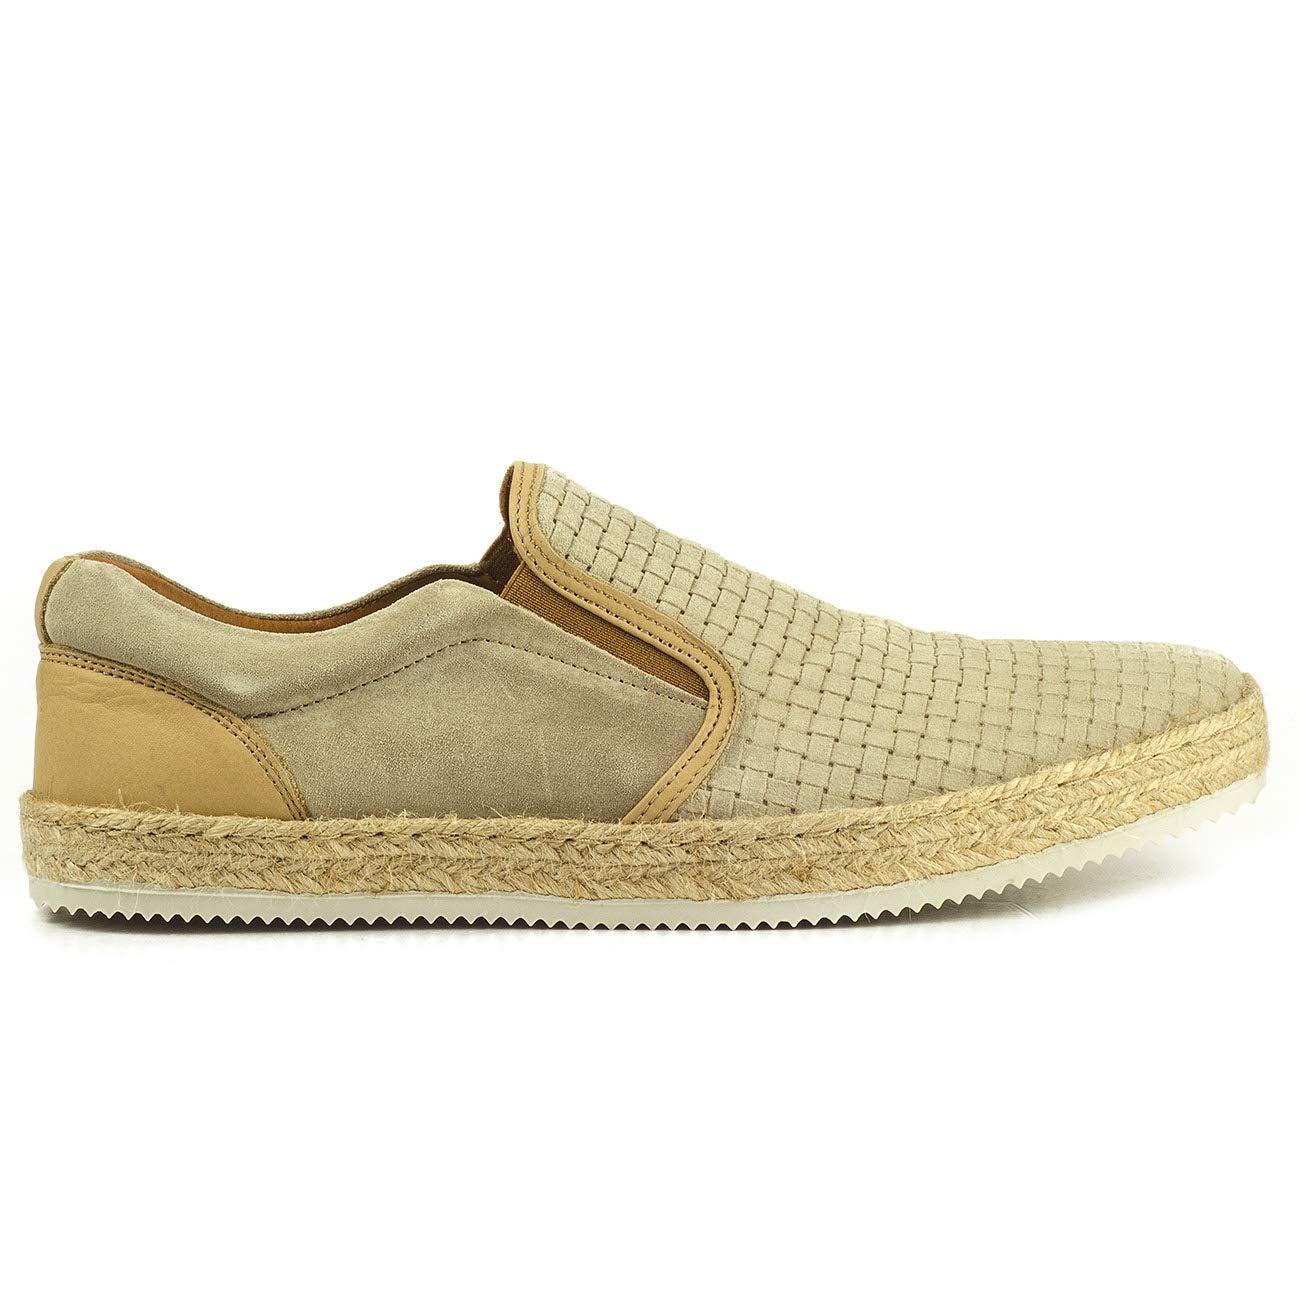 Buffalo Herren Schuhe Espadrilles ES 30739 Slip On Slipper